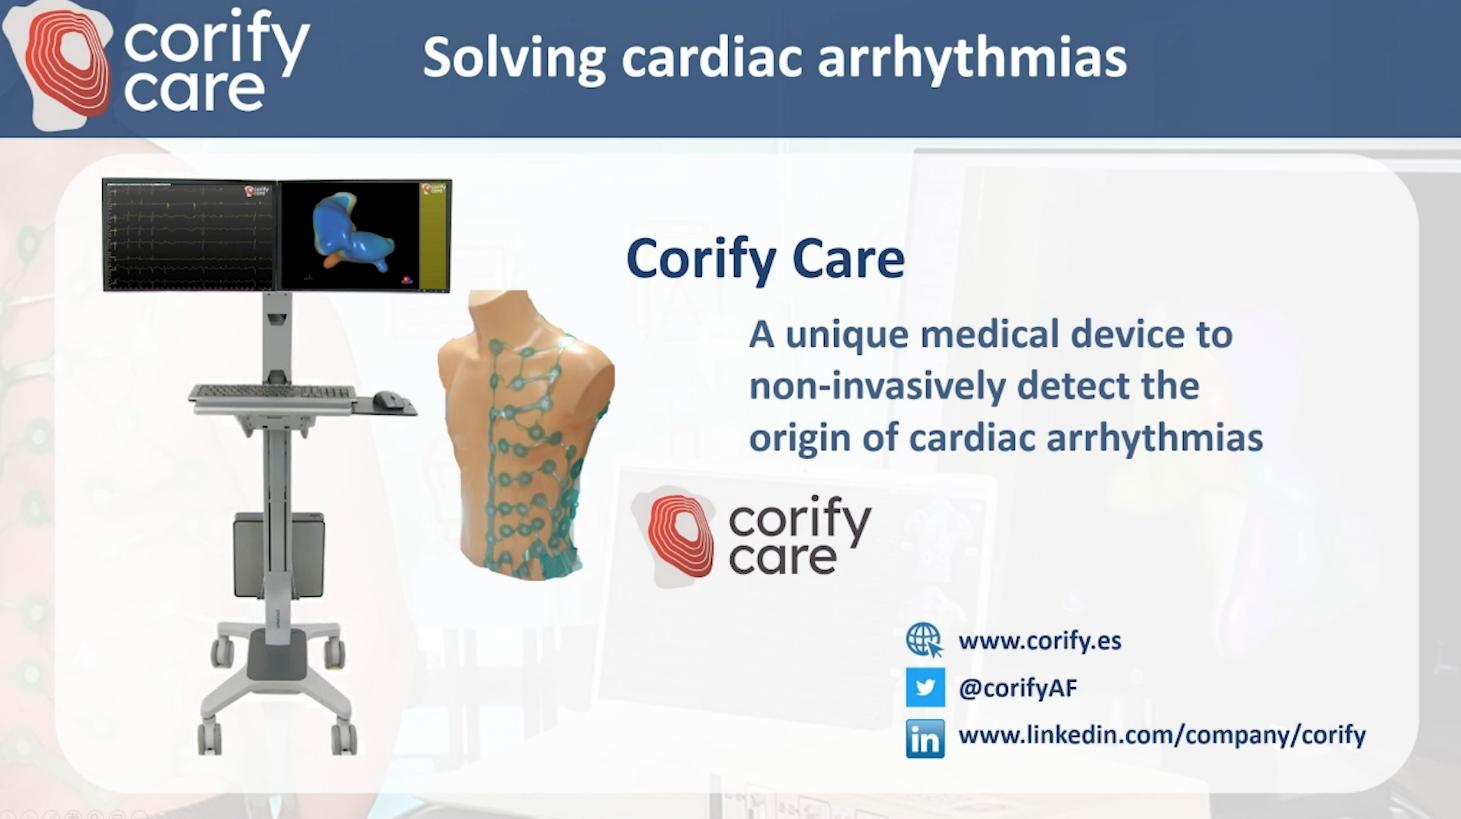 Premio QIA 2020. Ganador Innovación Sector Sanitario: Corify Care